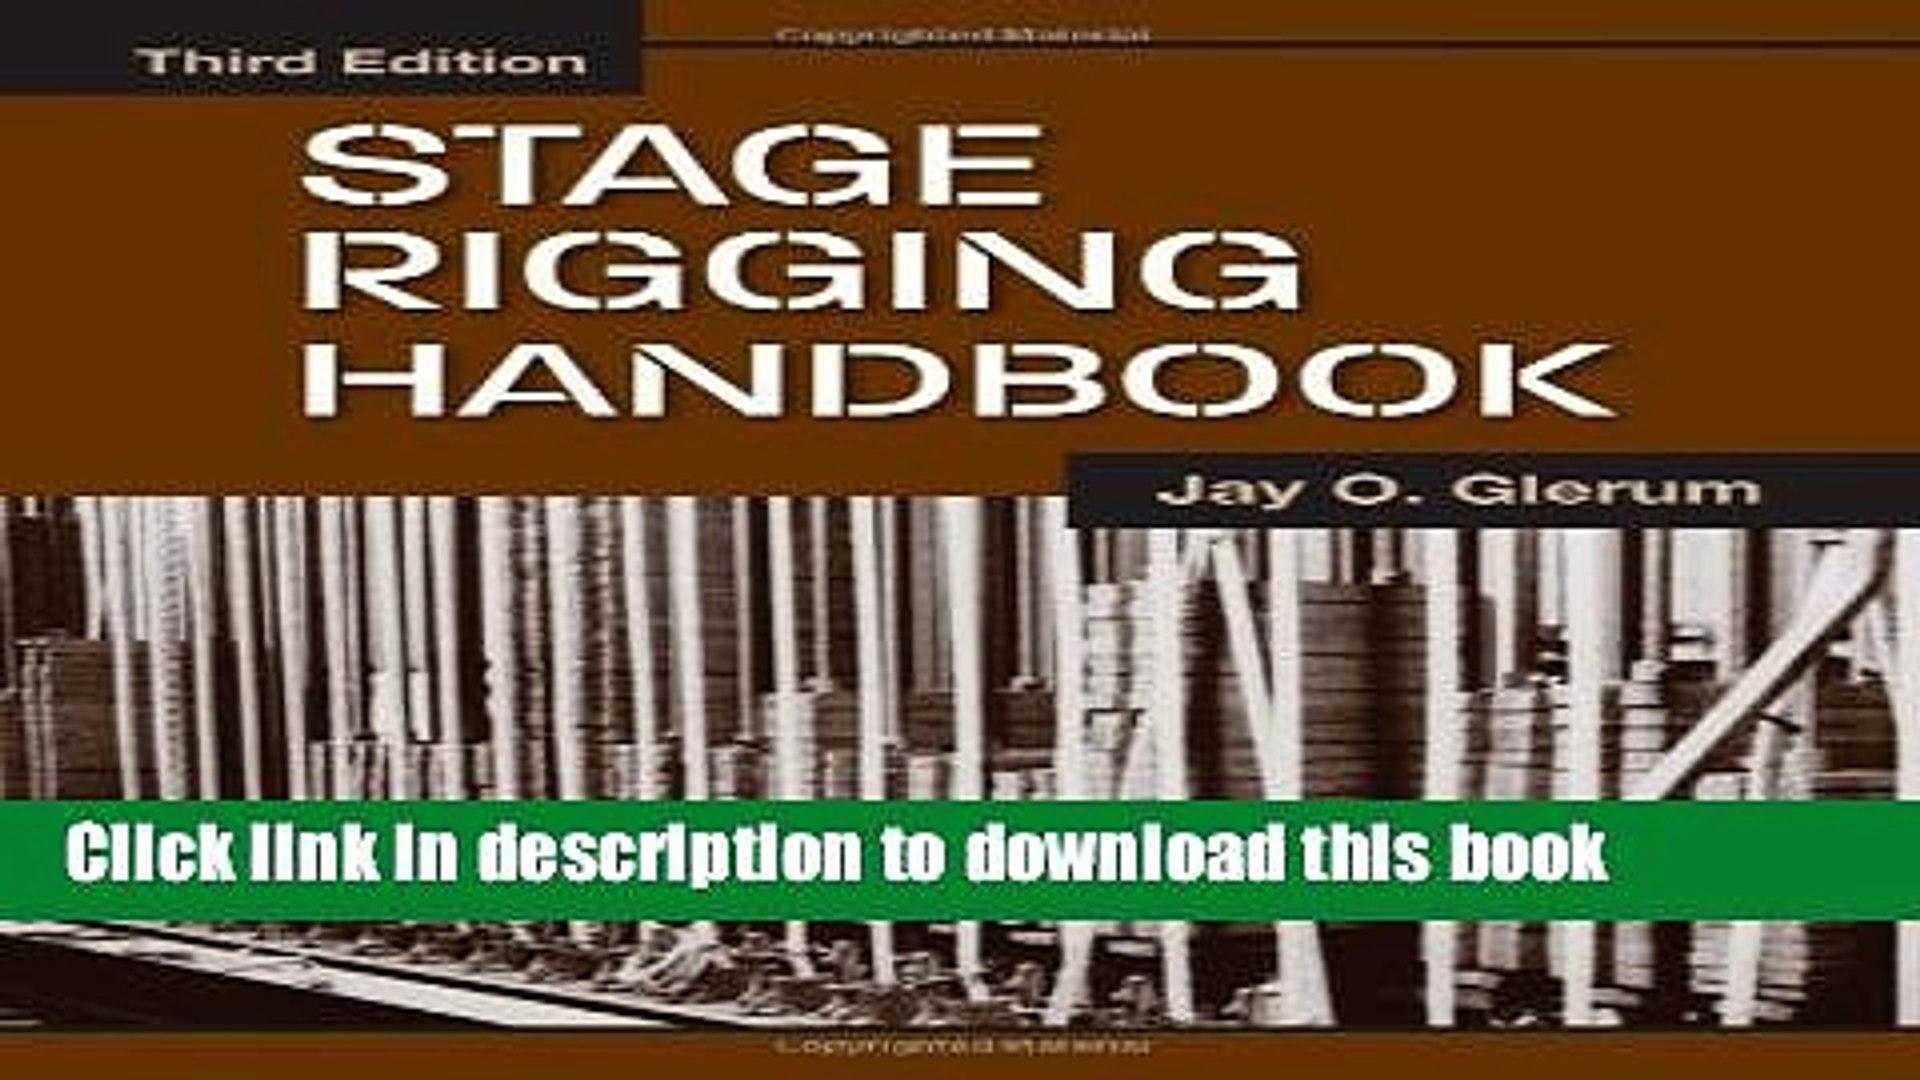 Third Edition Stage Rigging Handbook